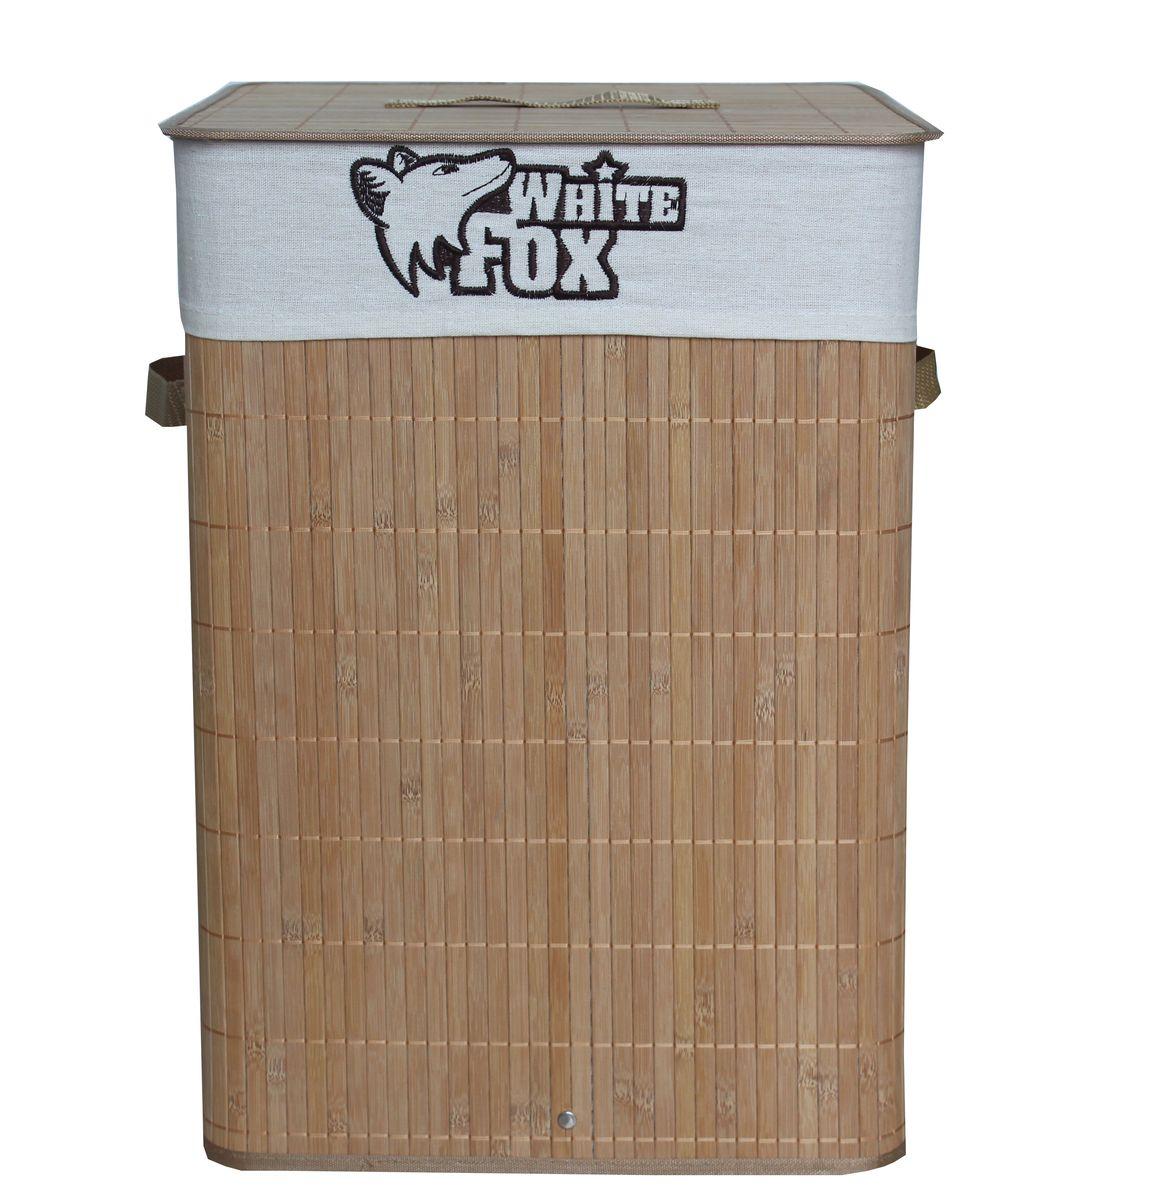 Корзина для белья White Fox Bamboo Standart, квадратная, 35 х 35 х 50 см391602Корзина для белья White Fox Bamboo Standart предназначена для организации и хранения белья. Съемный чехол можно стирать в стиральной машине при деликатной стирке. Удобные ручки помогут перемещать корзину в любое удобное место. Размер корзины в собранном виде: 35 х 35 х 50 см.